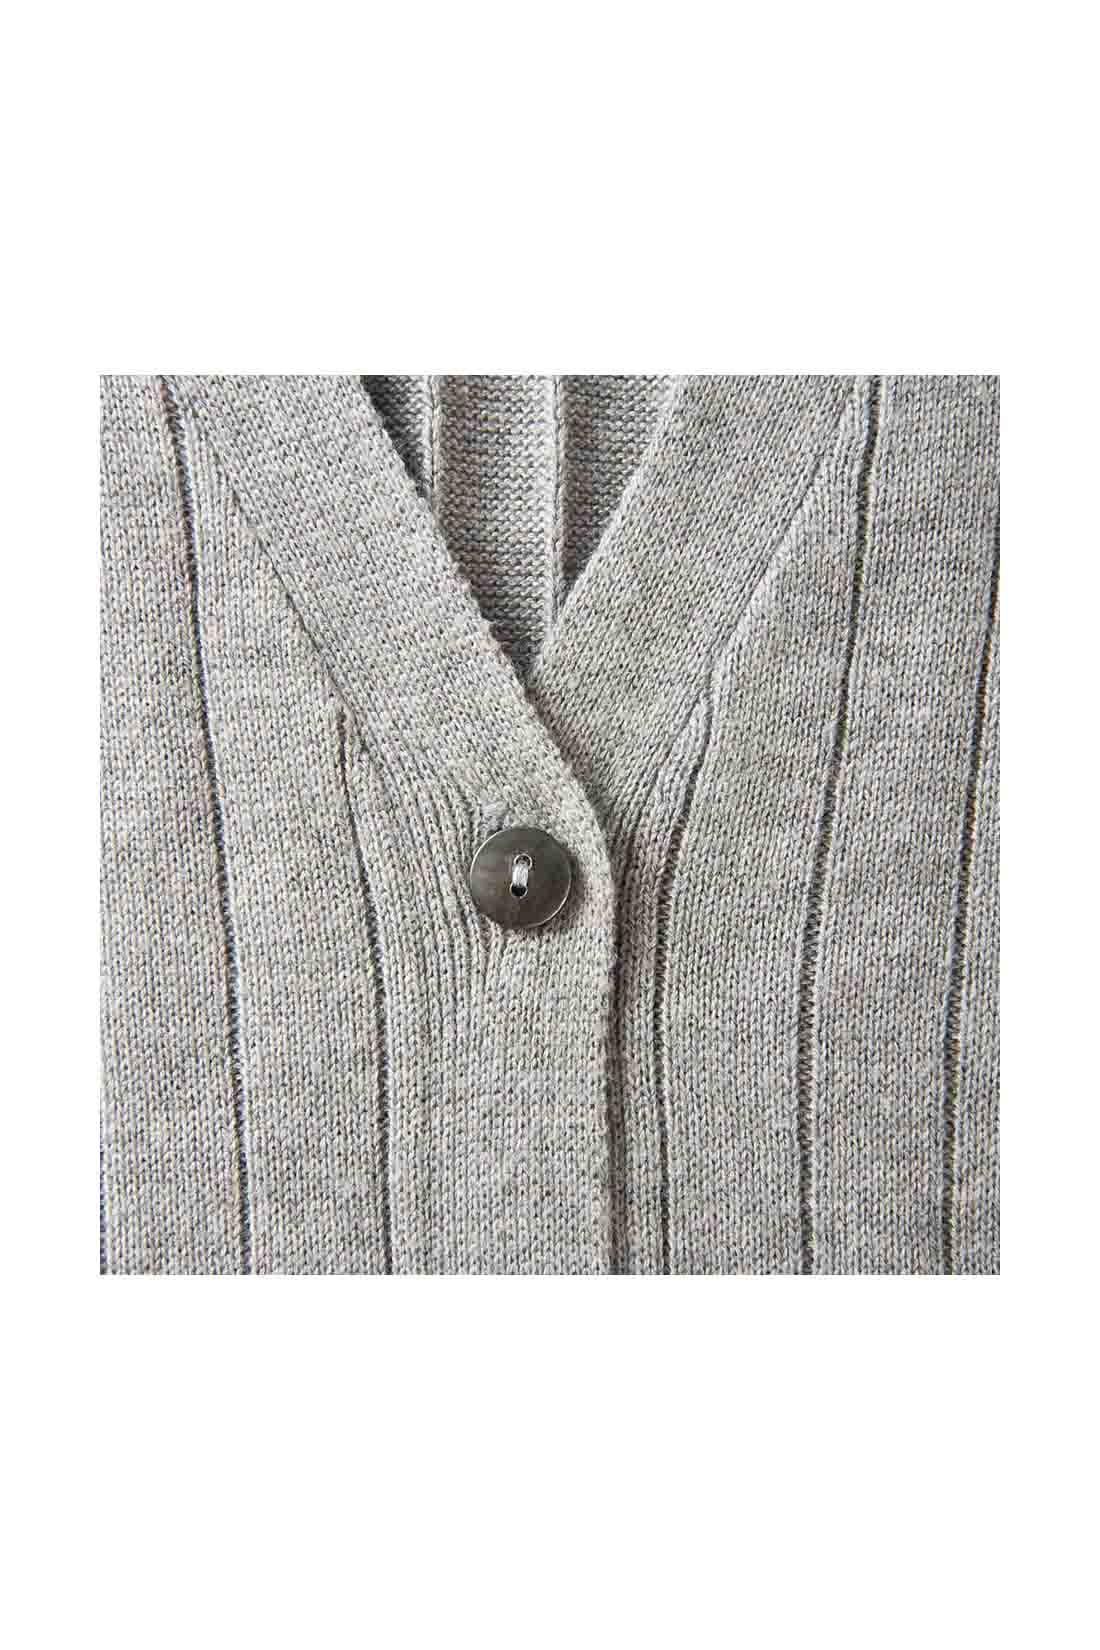 ディテールにもトレンド感をていねいに取り入れ、前立て幅をボタン幅よりも広めに設計。印象を引き締める貝調ボタン。 ※お届けするカラーとは異なります。